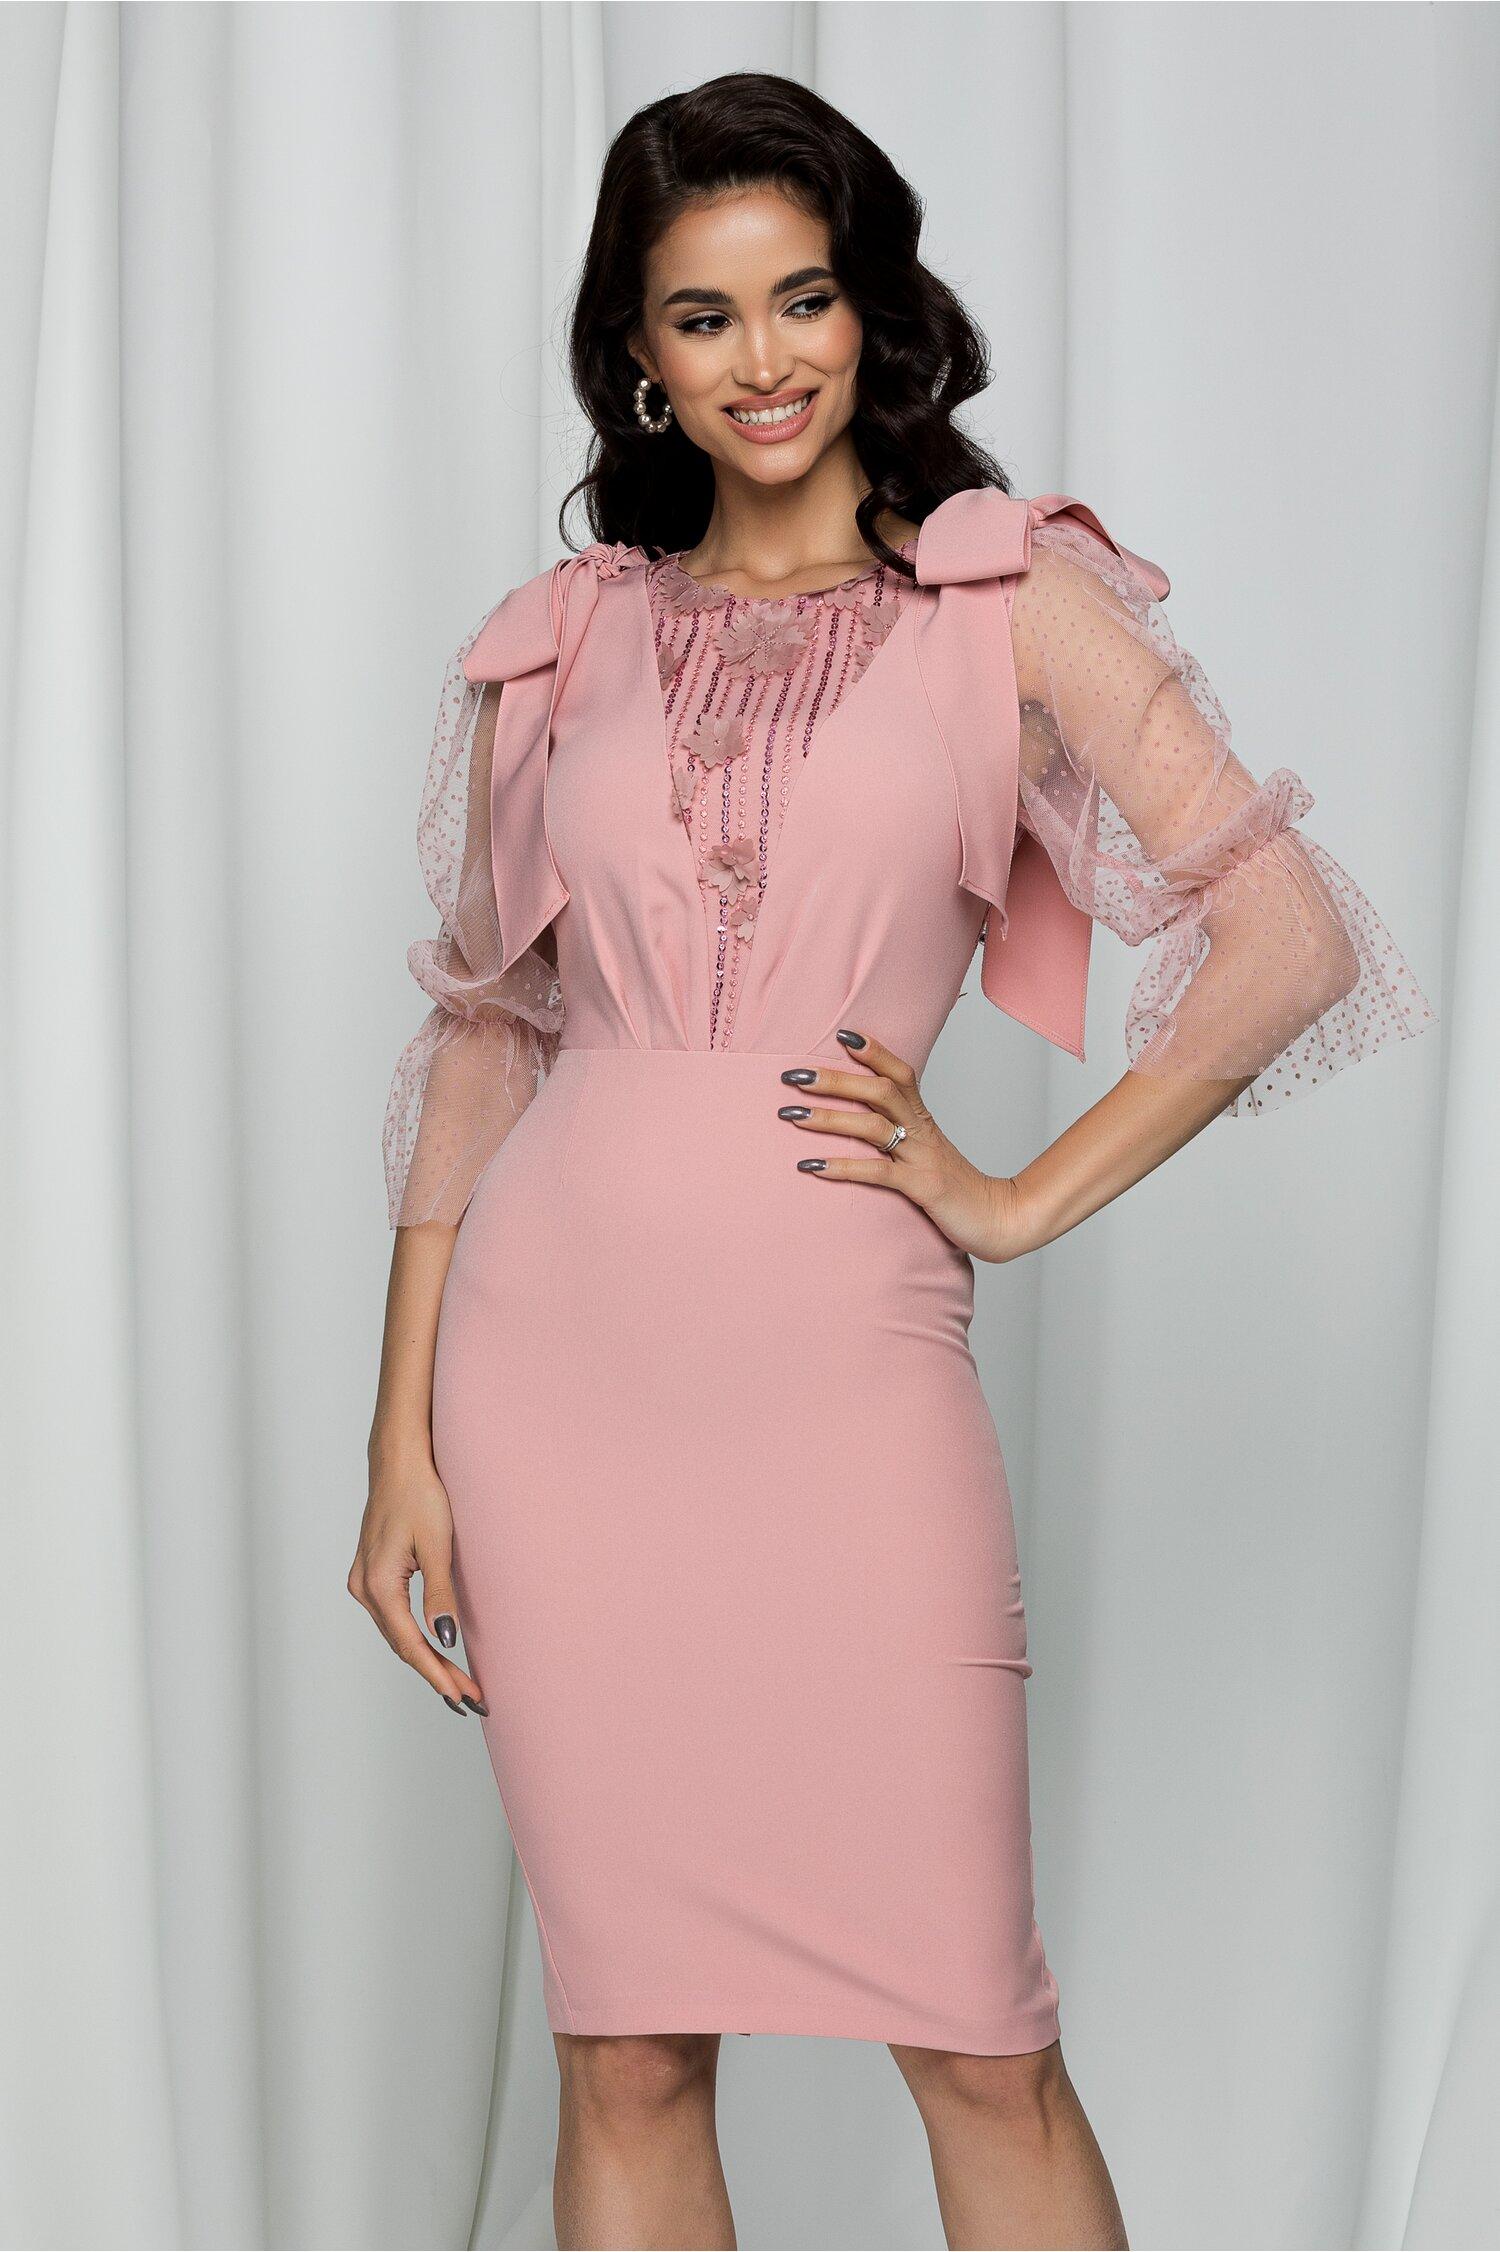 Rochie MBG roz cu maneci din tull cu buline